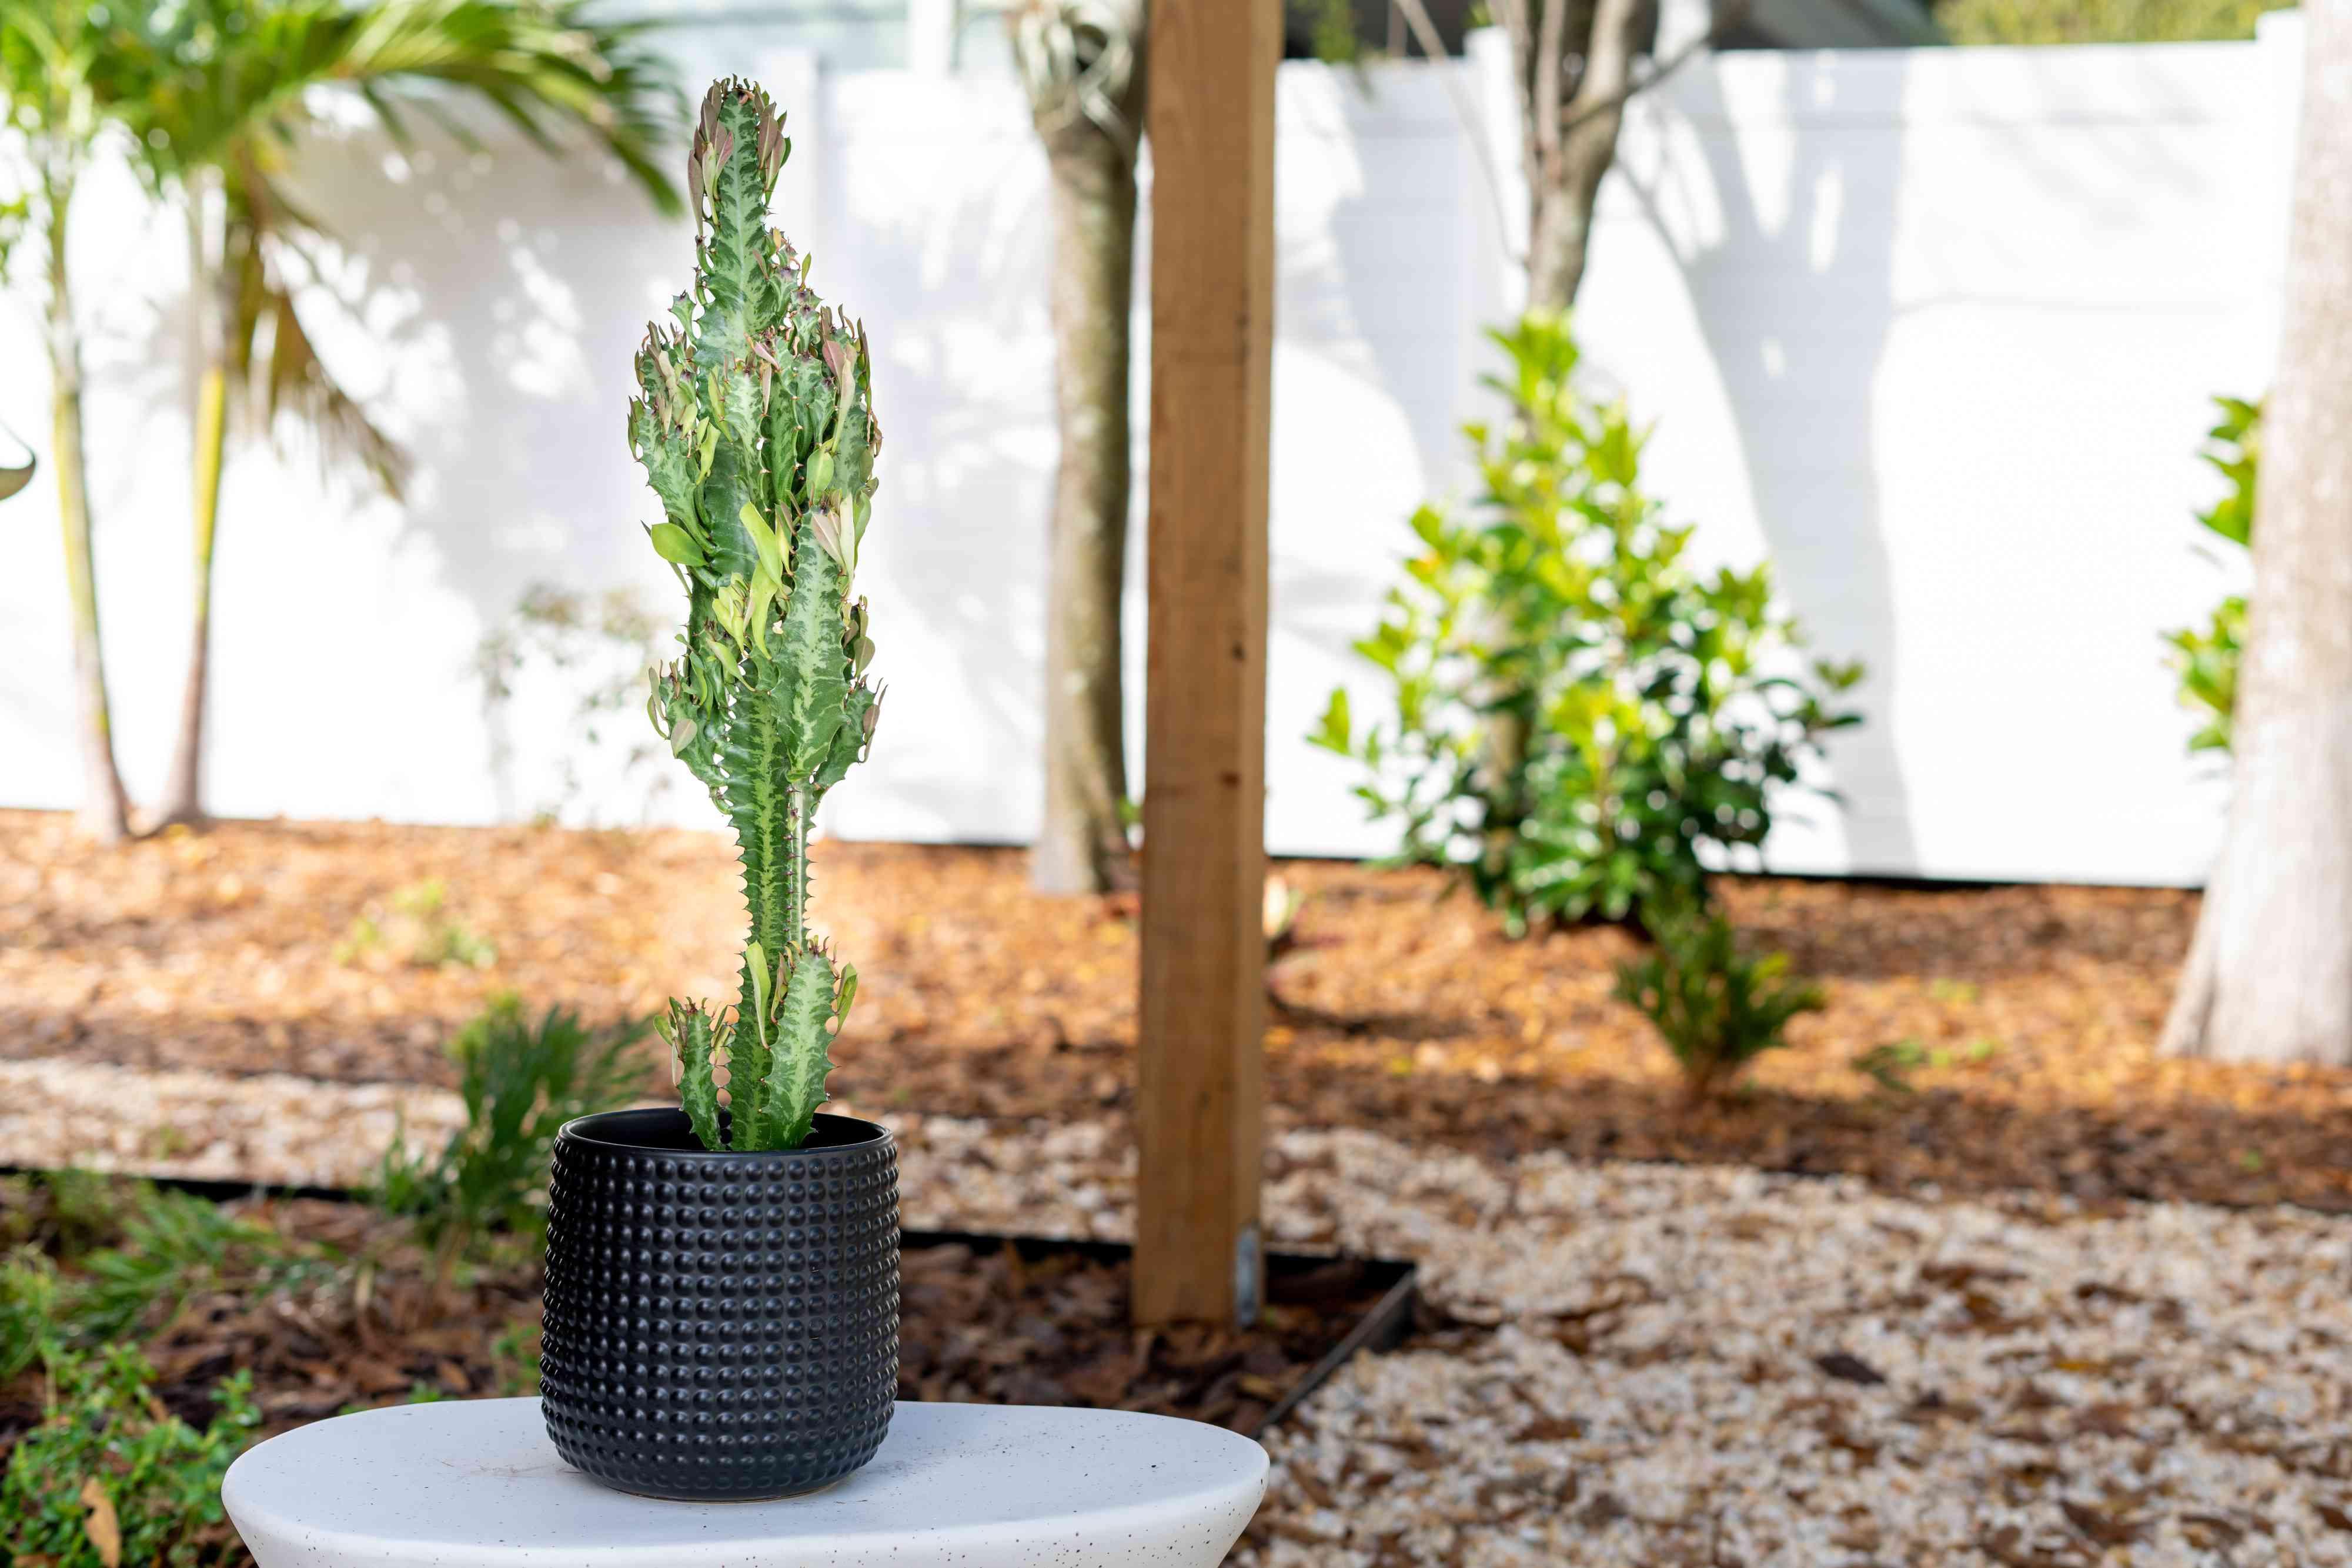 African milk tree succulent in black pot in outdoor setting